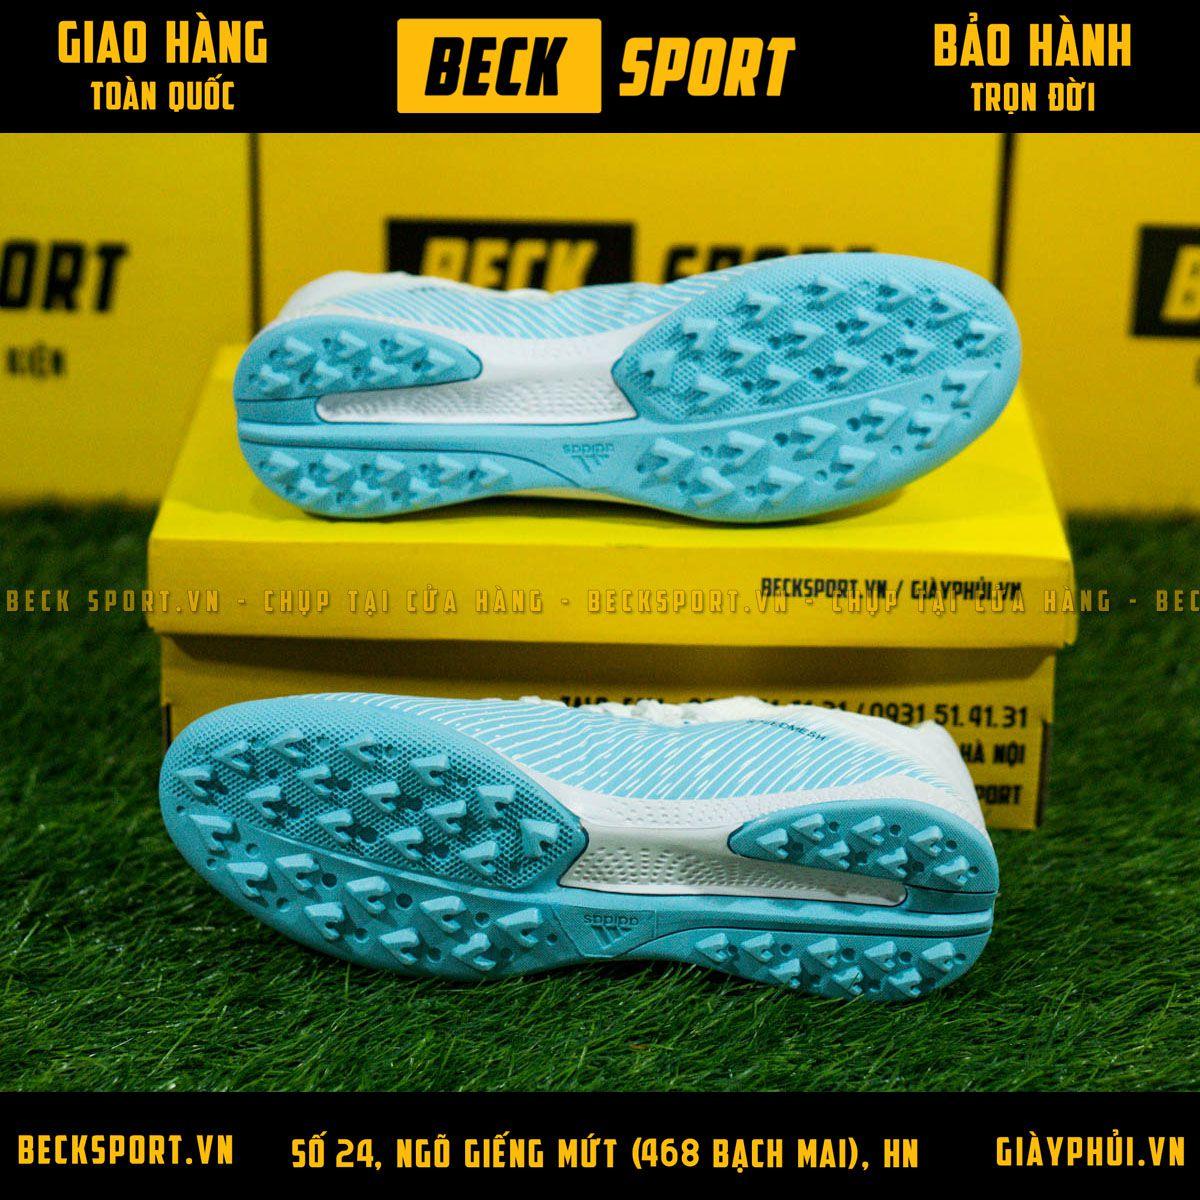 Giày Bóng Đá Adidas X 19.3 Xanh Biển Gót Trắng Vạch Đen V2 TF